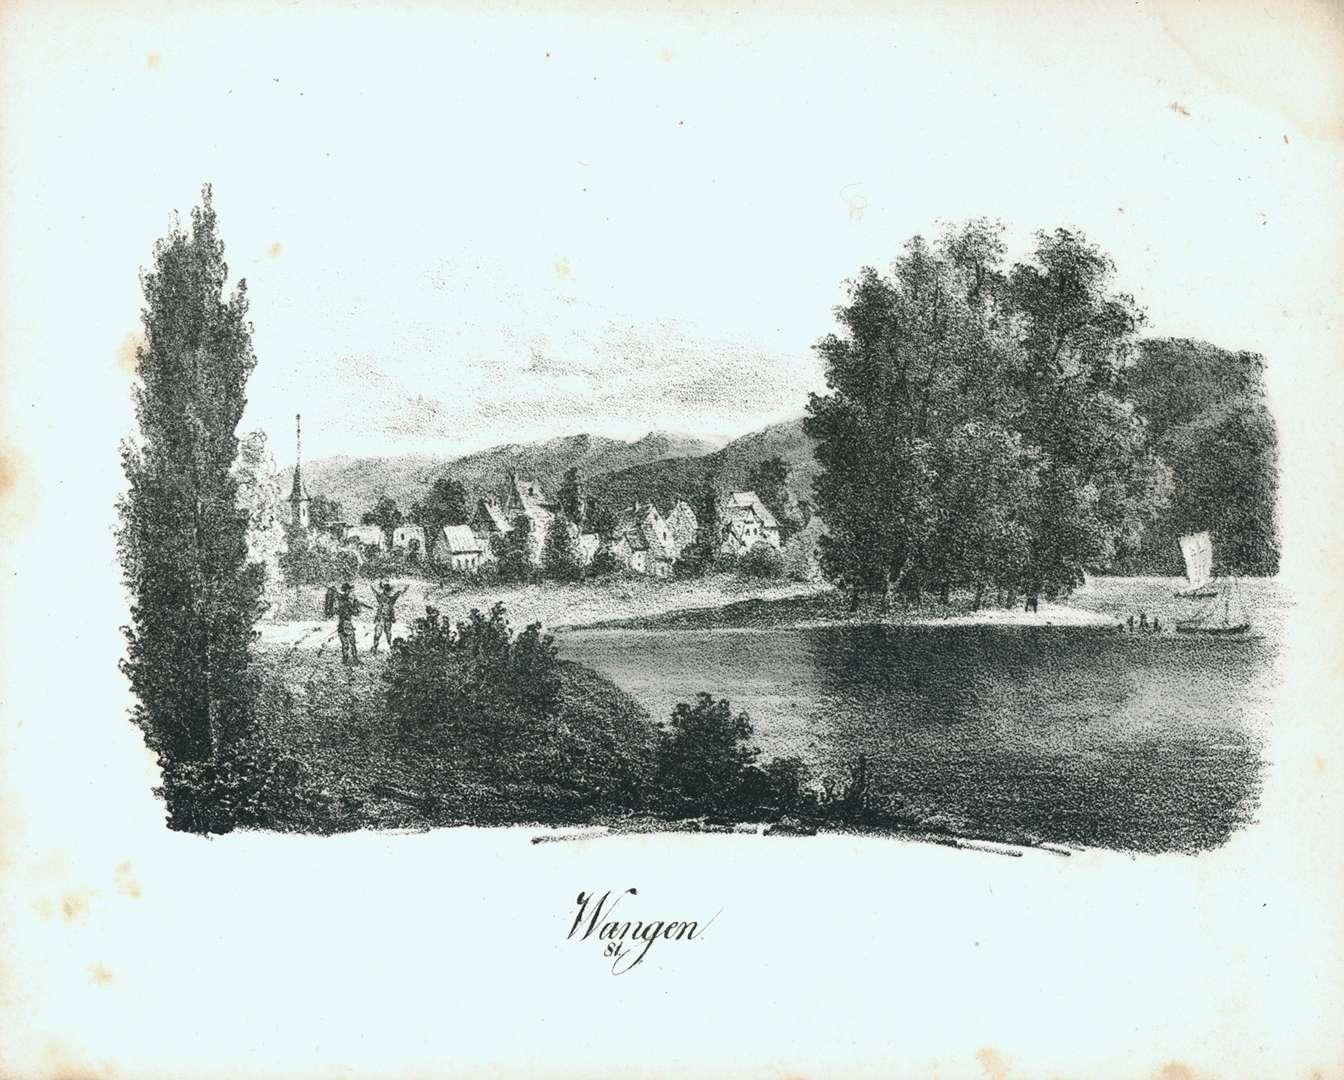 Wangen, Bild 1